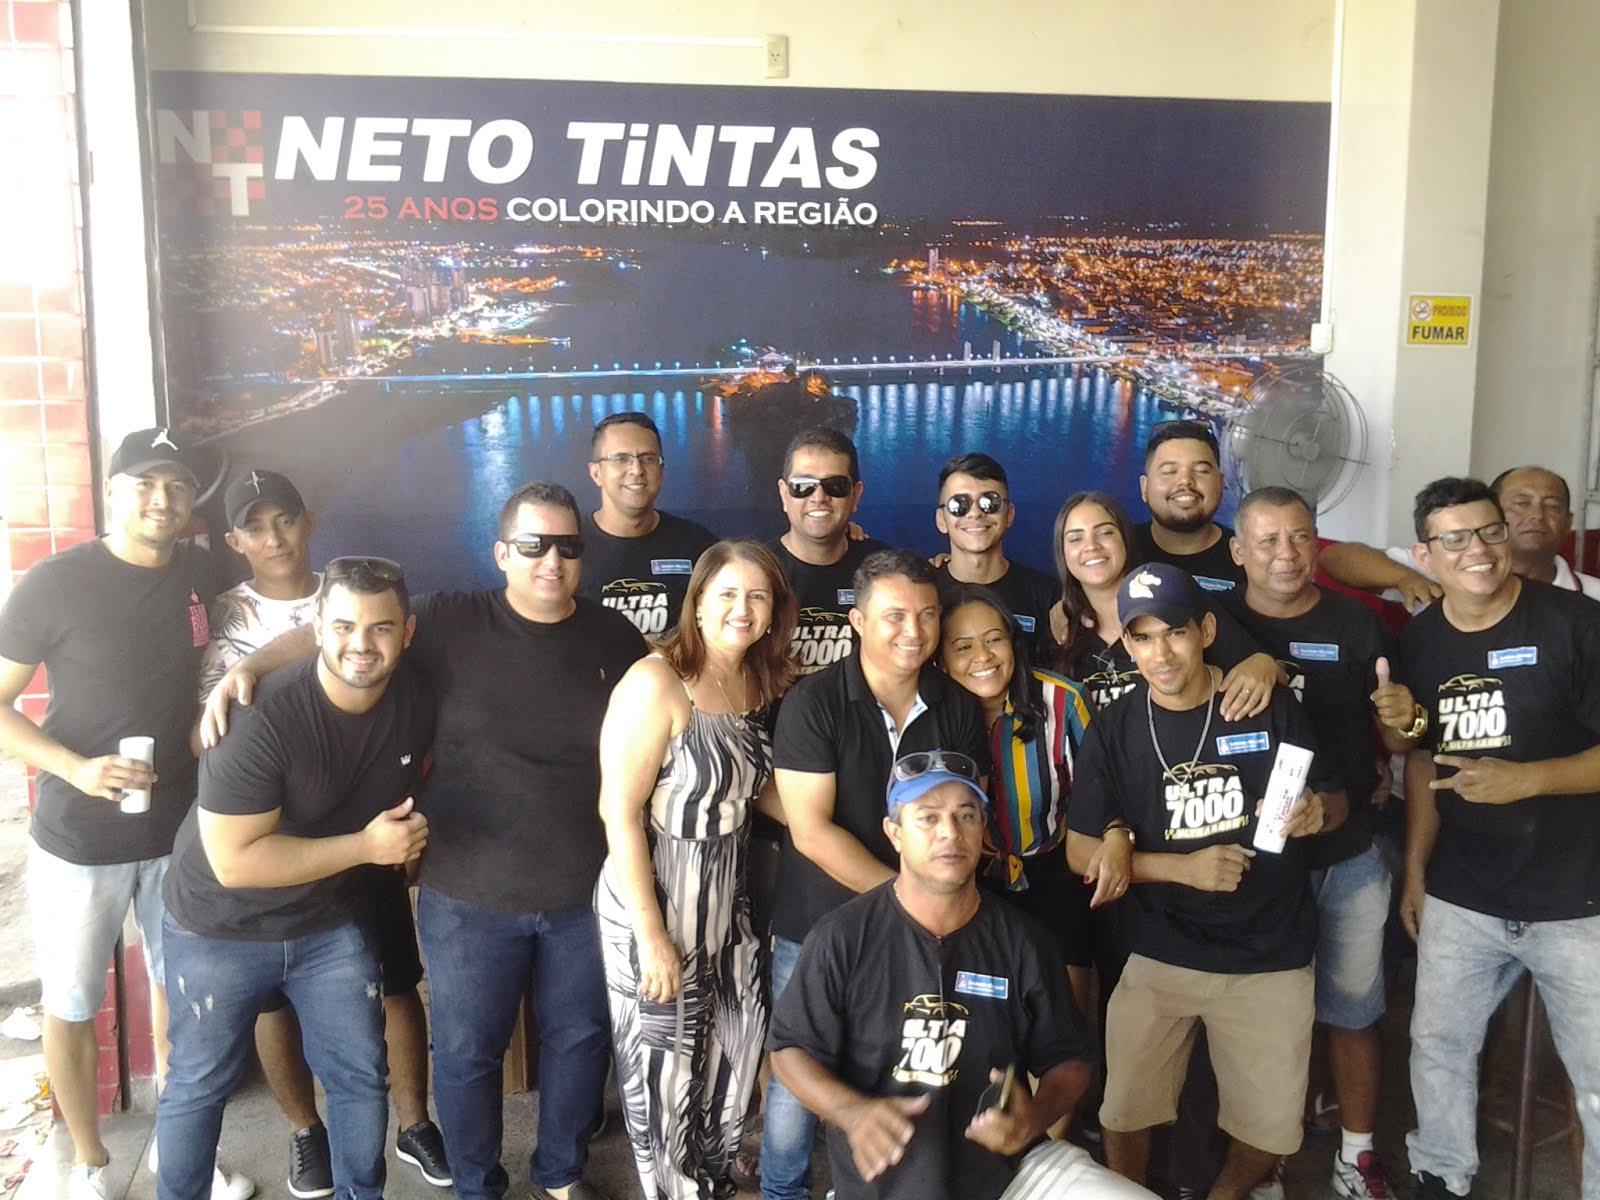 NETO TINTAS AUTOMOTIVAS E INDUSTRIAIS (LOJAS EM PETROLINA, JUAZEIRO, PAULO AFONSO)